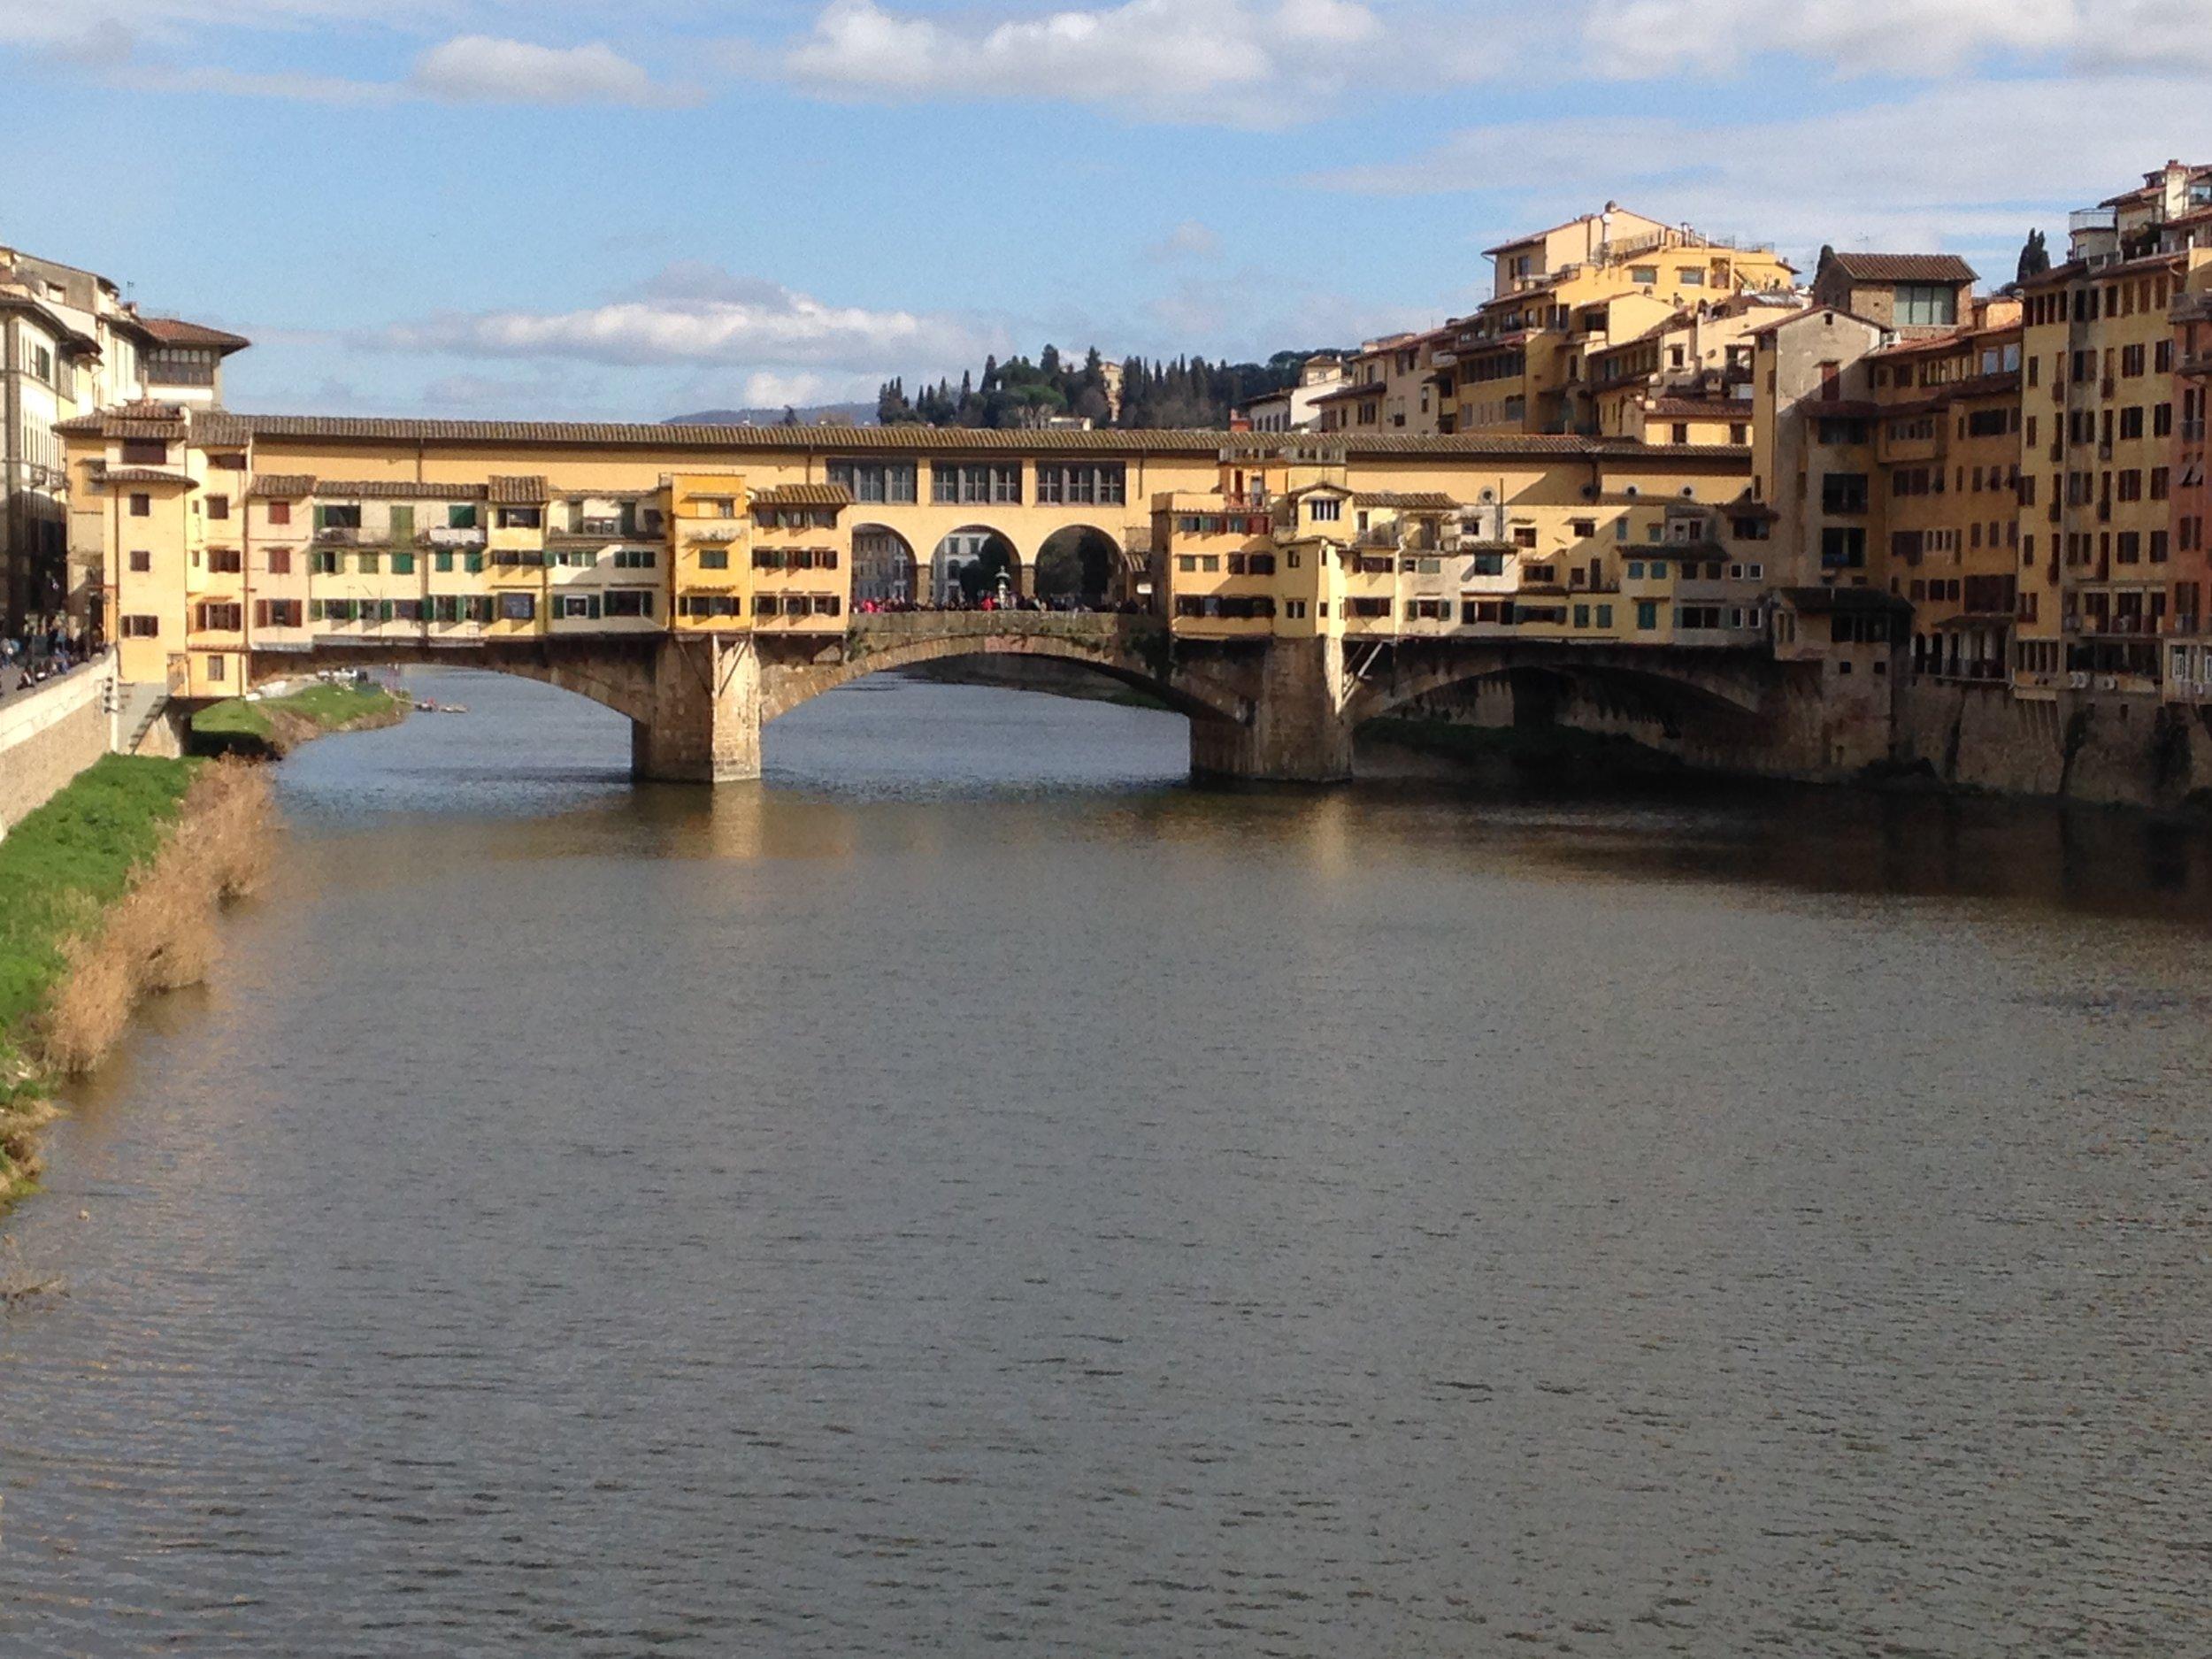 ponte vecchio march 2019